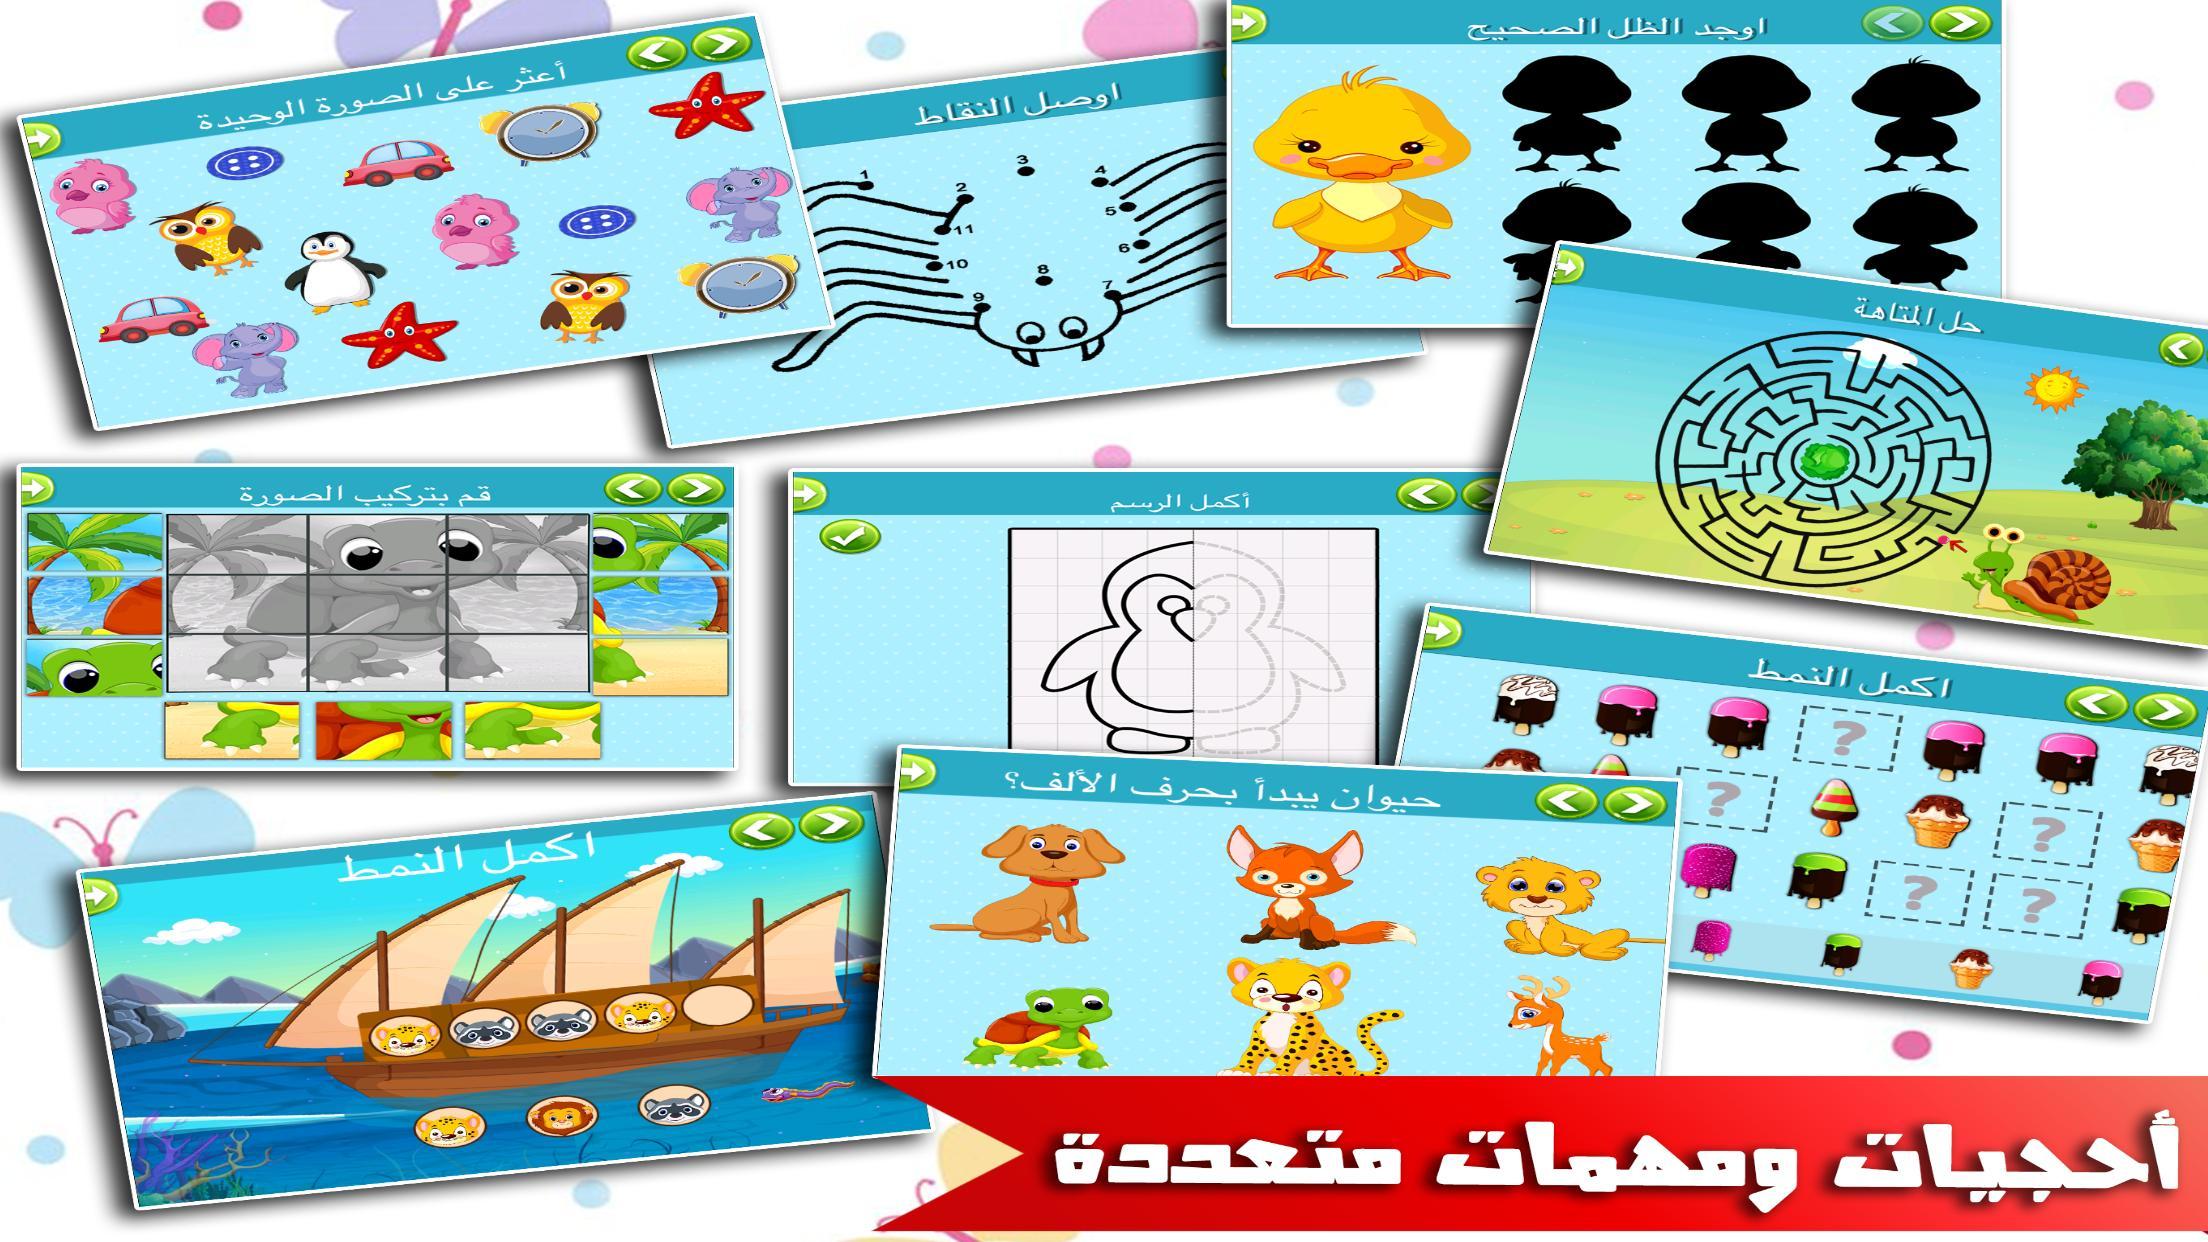 العاب ذكاء اطفال و بنات تعليمية التعليم و الذكاء 1.0.1 Screenshot 2